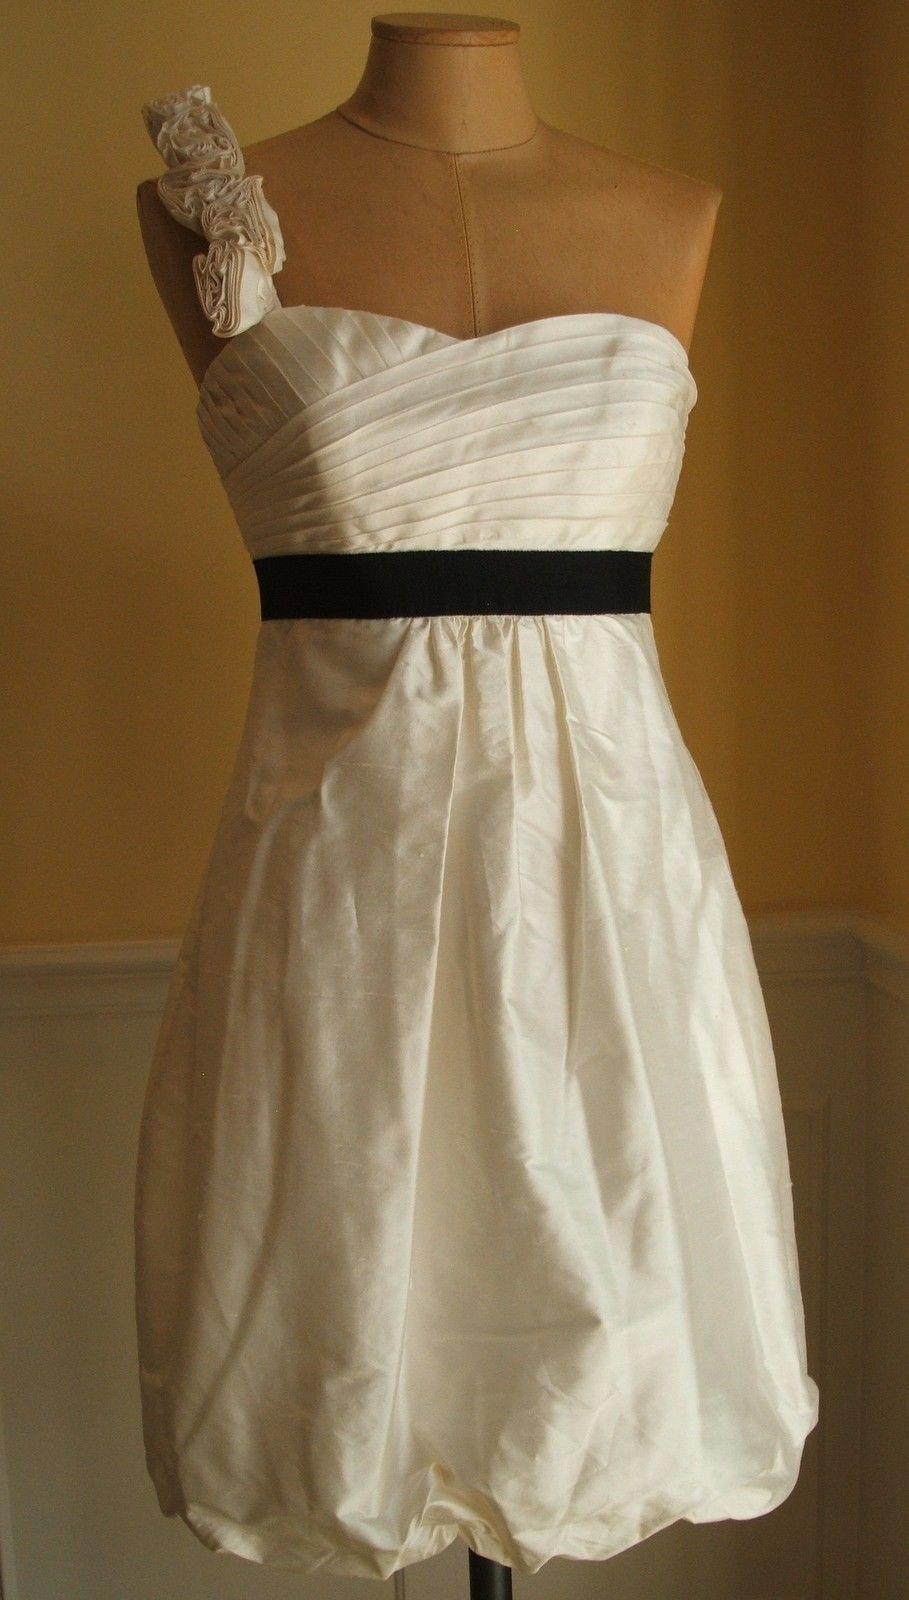 Woherren Weiß Dress by Phoebe Couture - Prom Dress - Größe 2